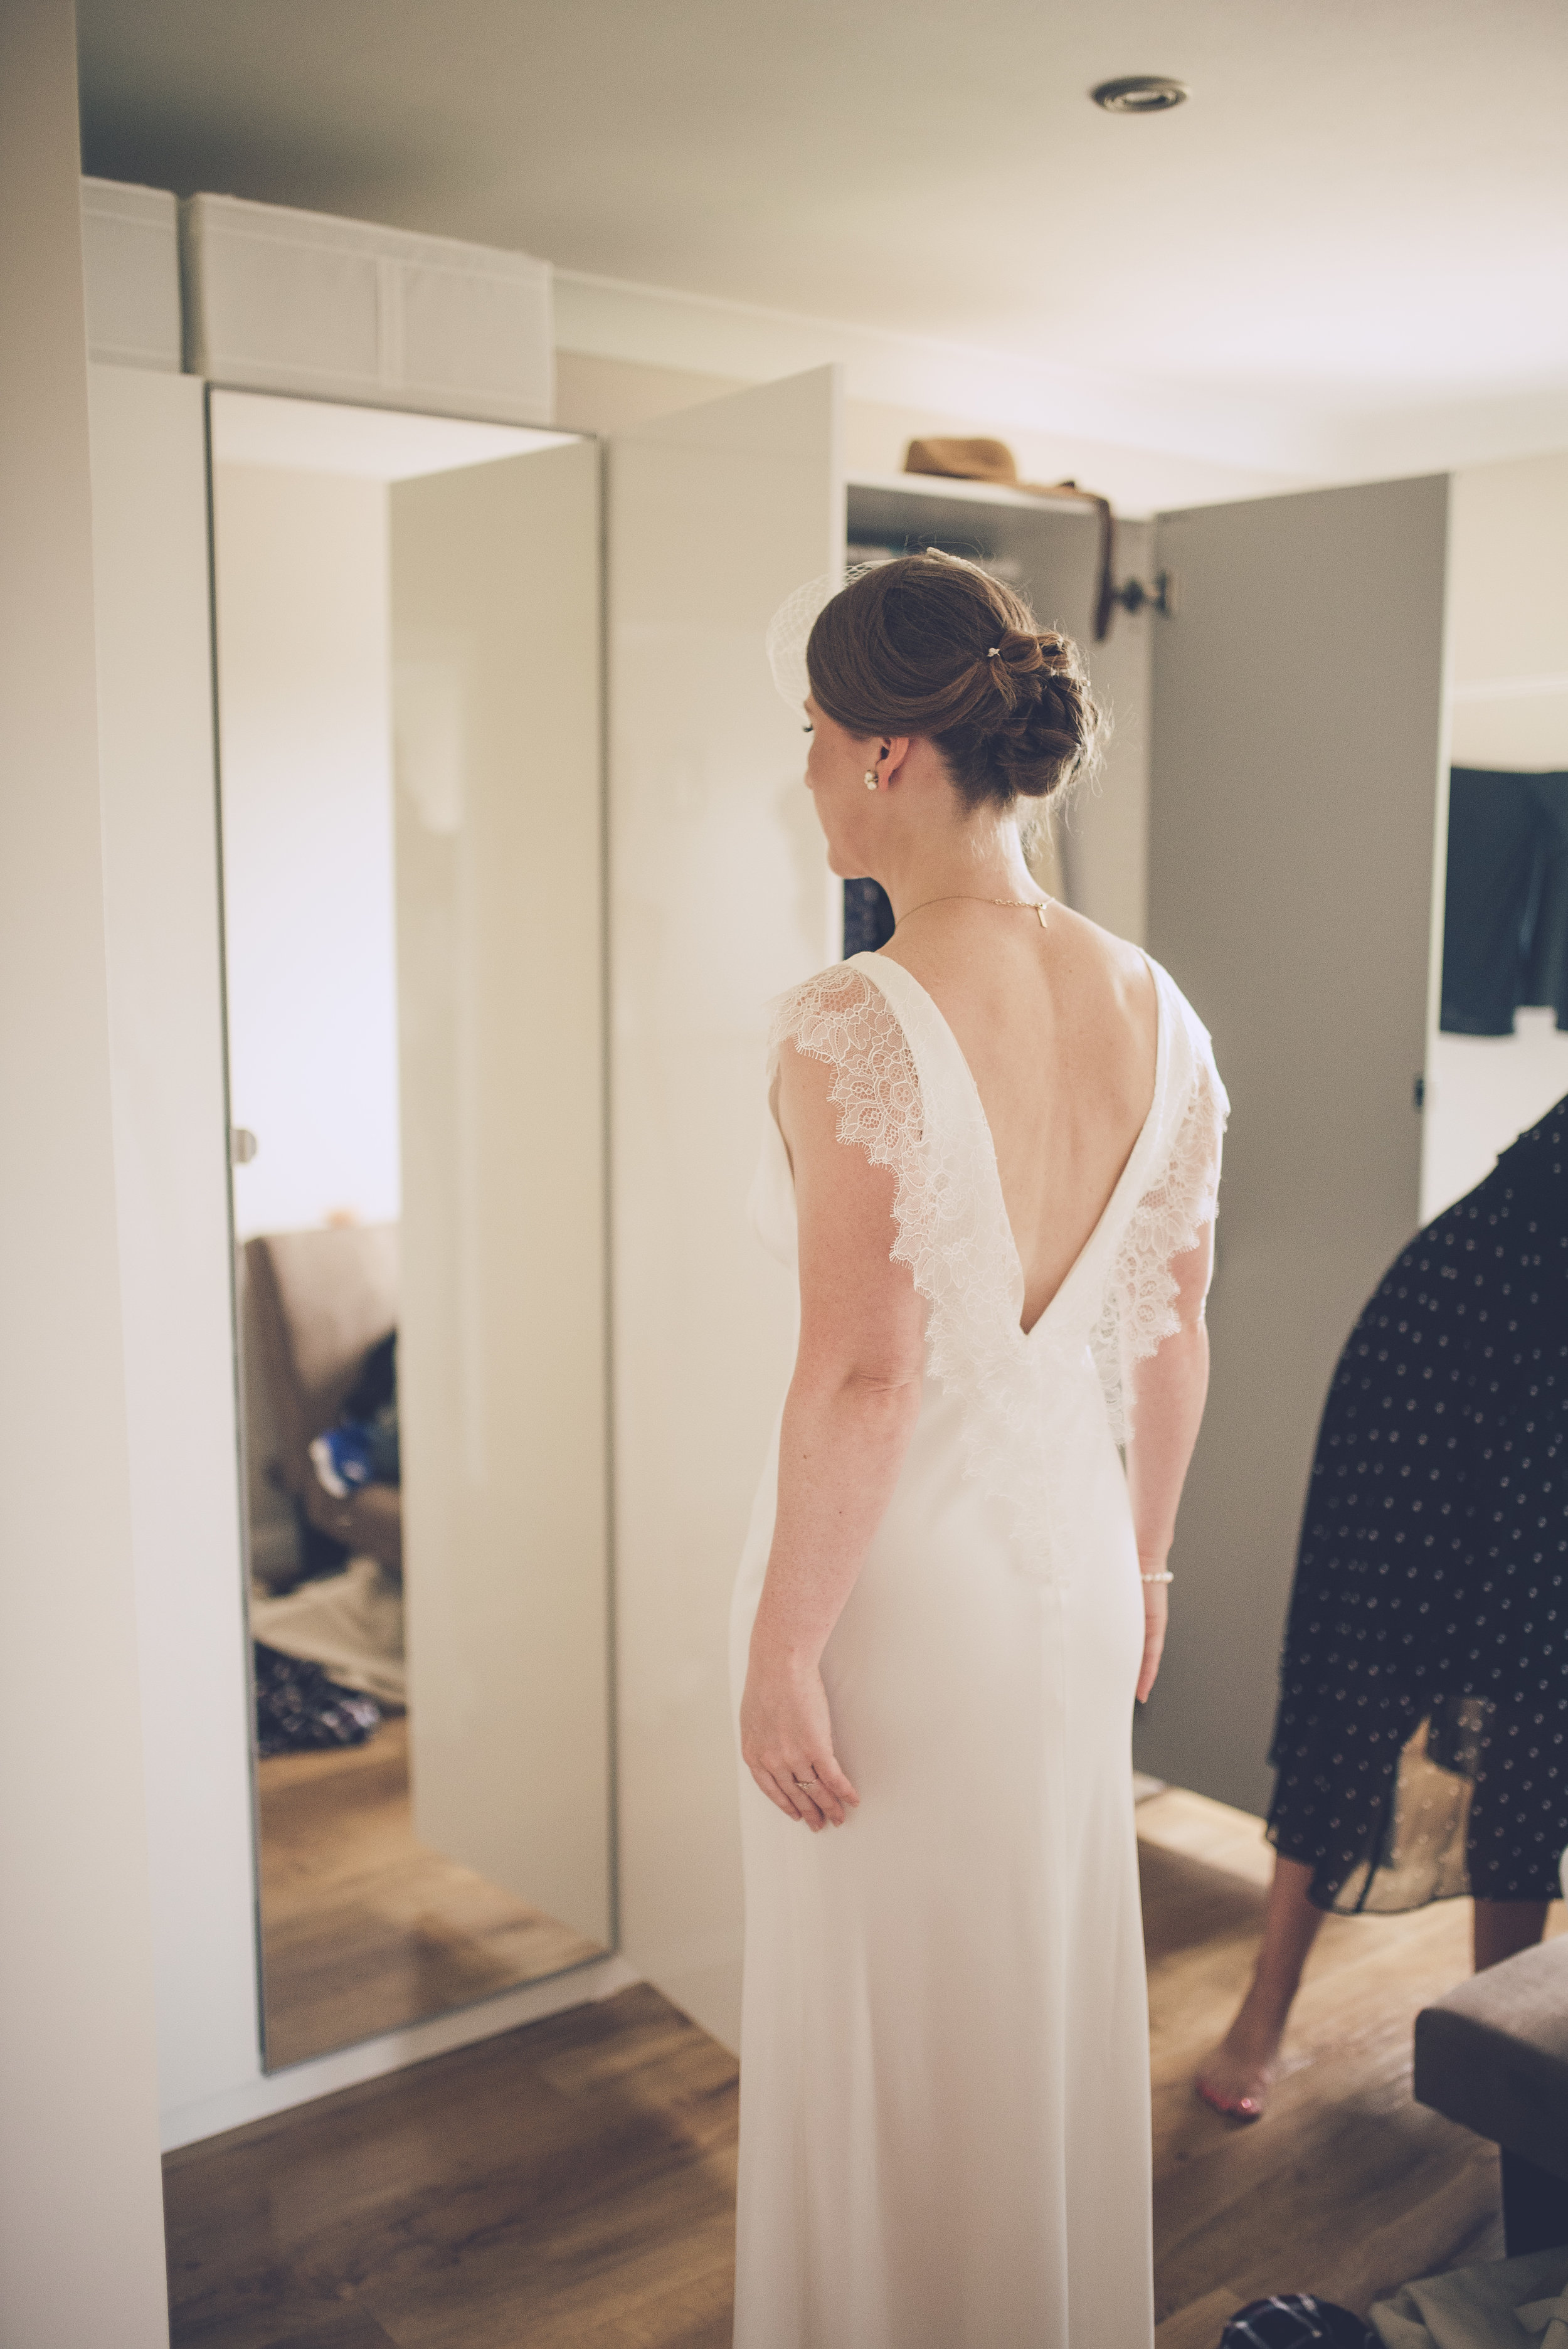 Sarah-Susanna-Greening-Bias-Vintage-Lace-Wedding-Dress-Bespoke-Matlock-Derbyshire-3